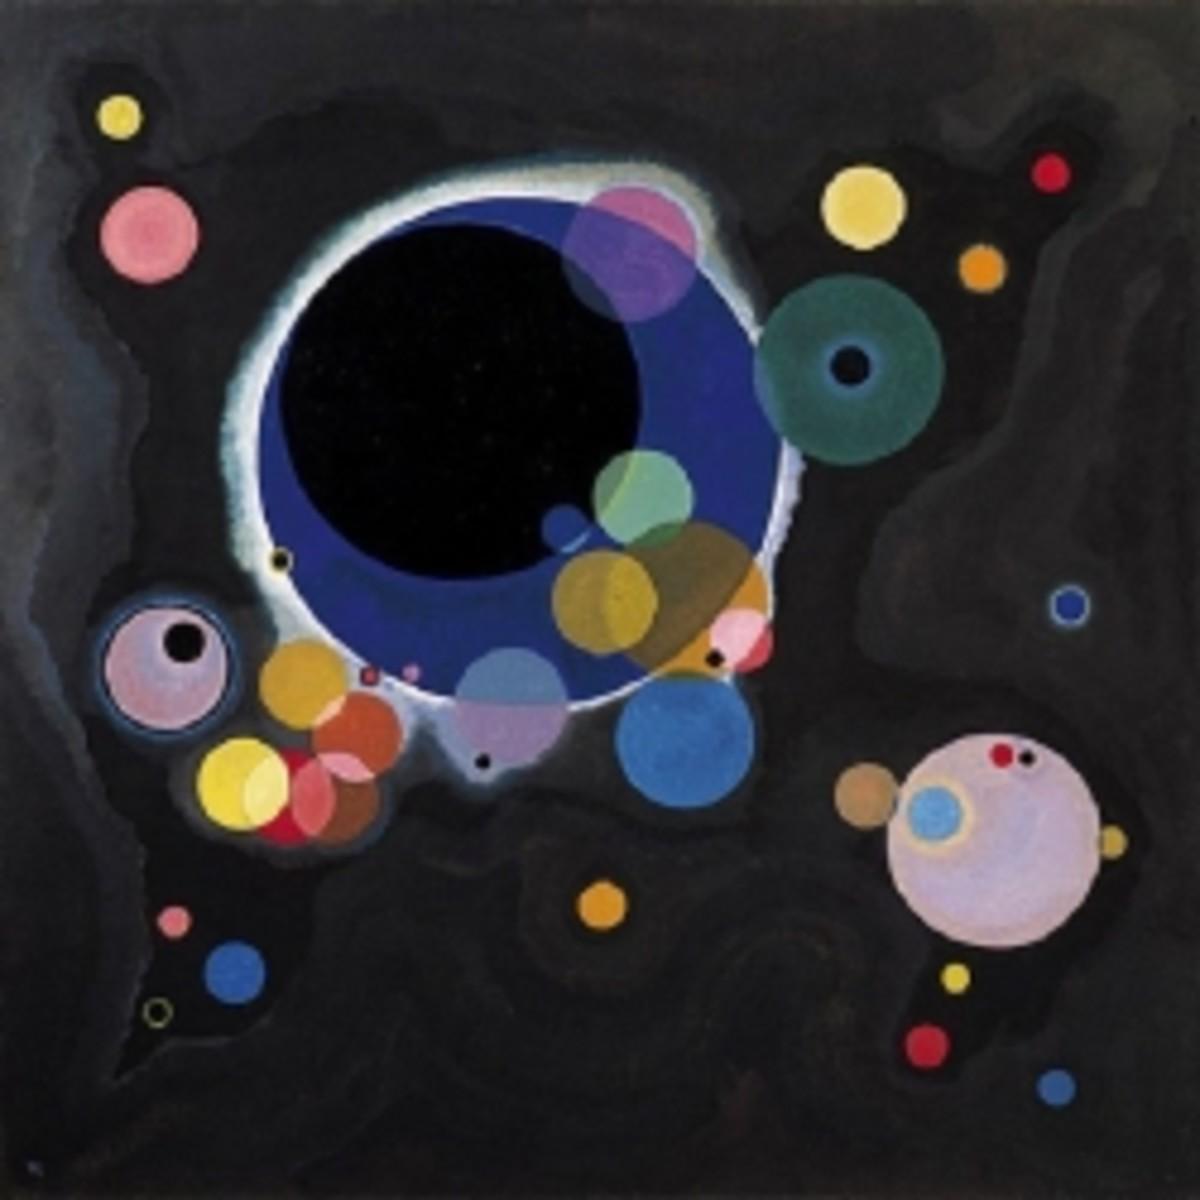 Paul Klee Public domain image